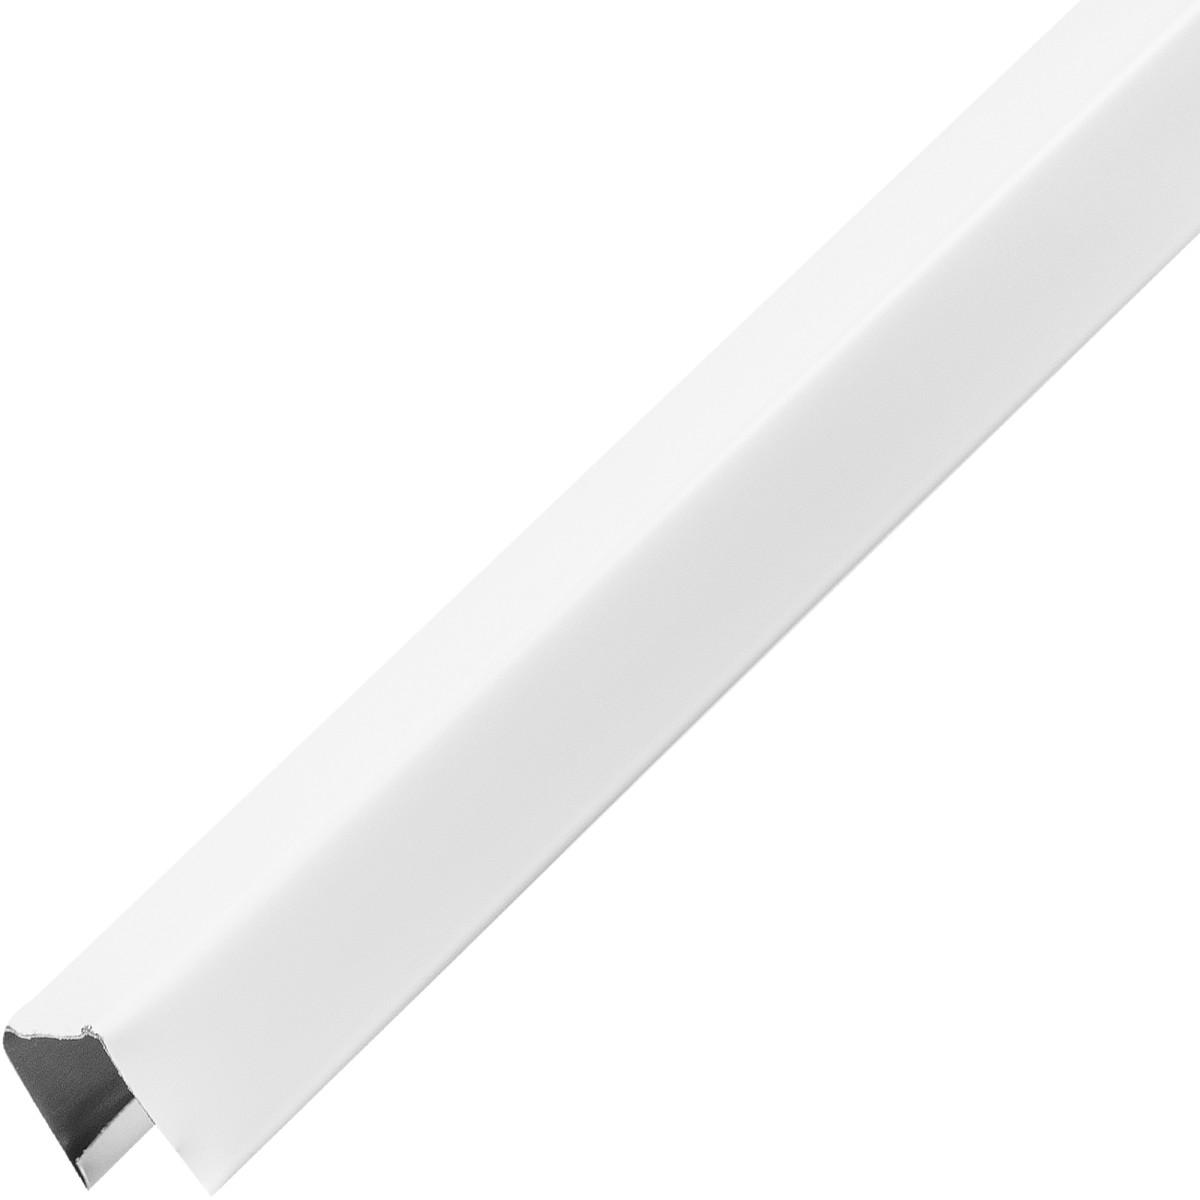 П-профиль Artens 3000 мм цвет белый матовый